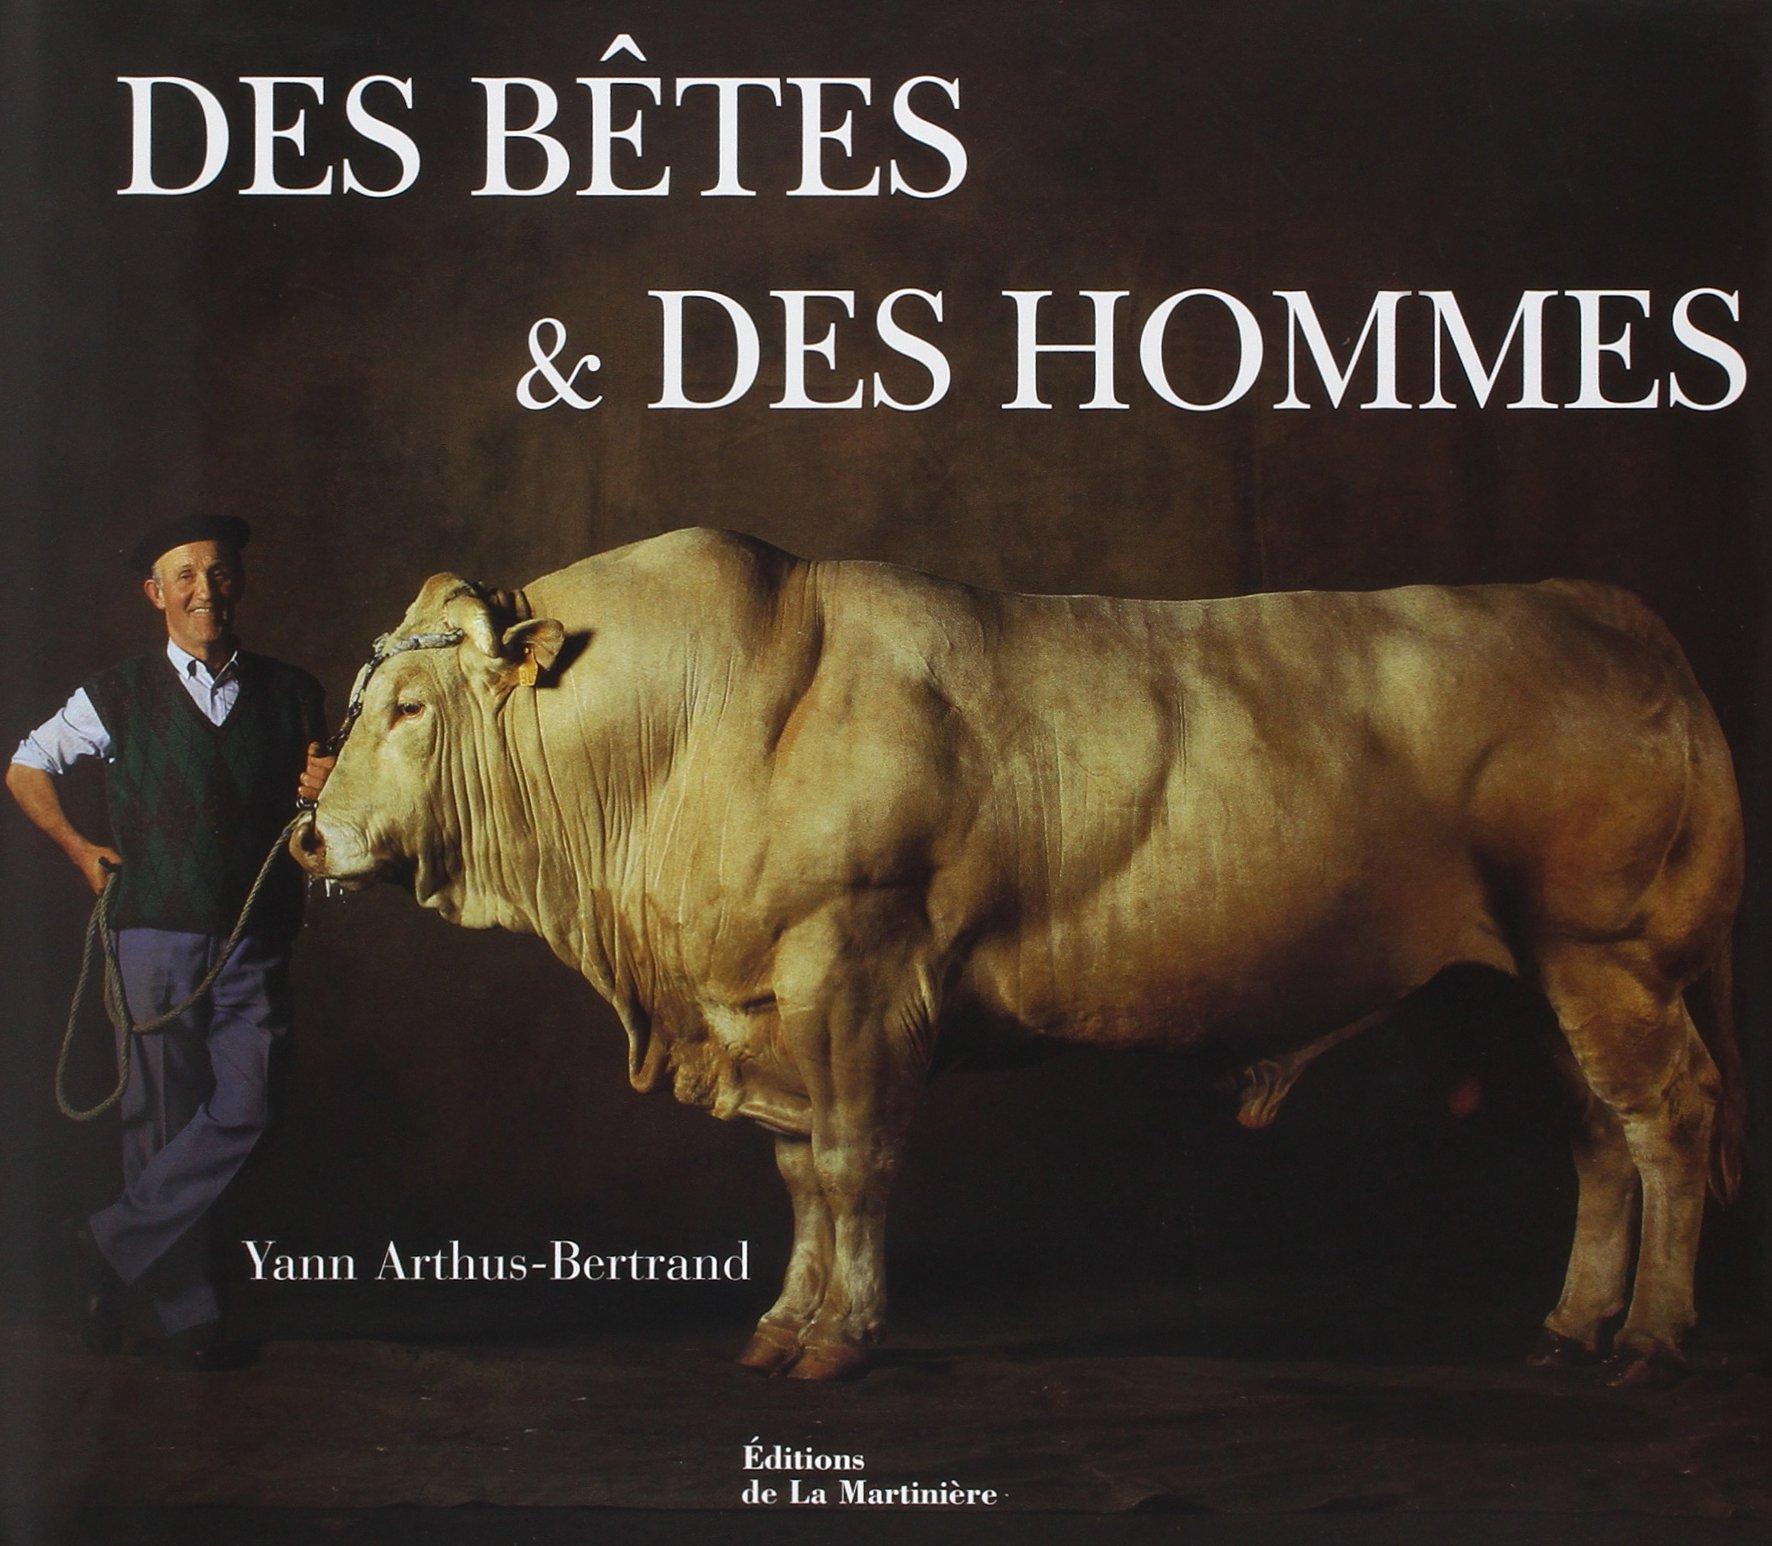 fd839563594b Amazon.fr - Des bêtes et des hommes - Yann Arthus-bertrand - Livres